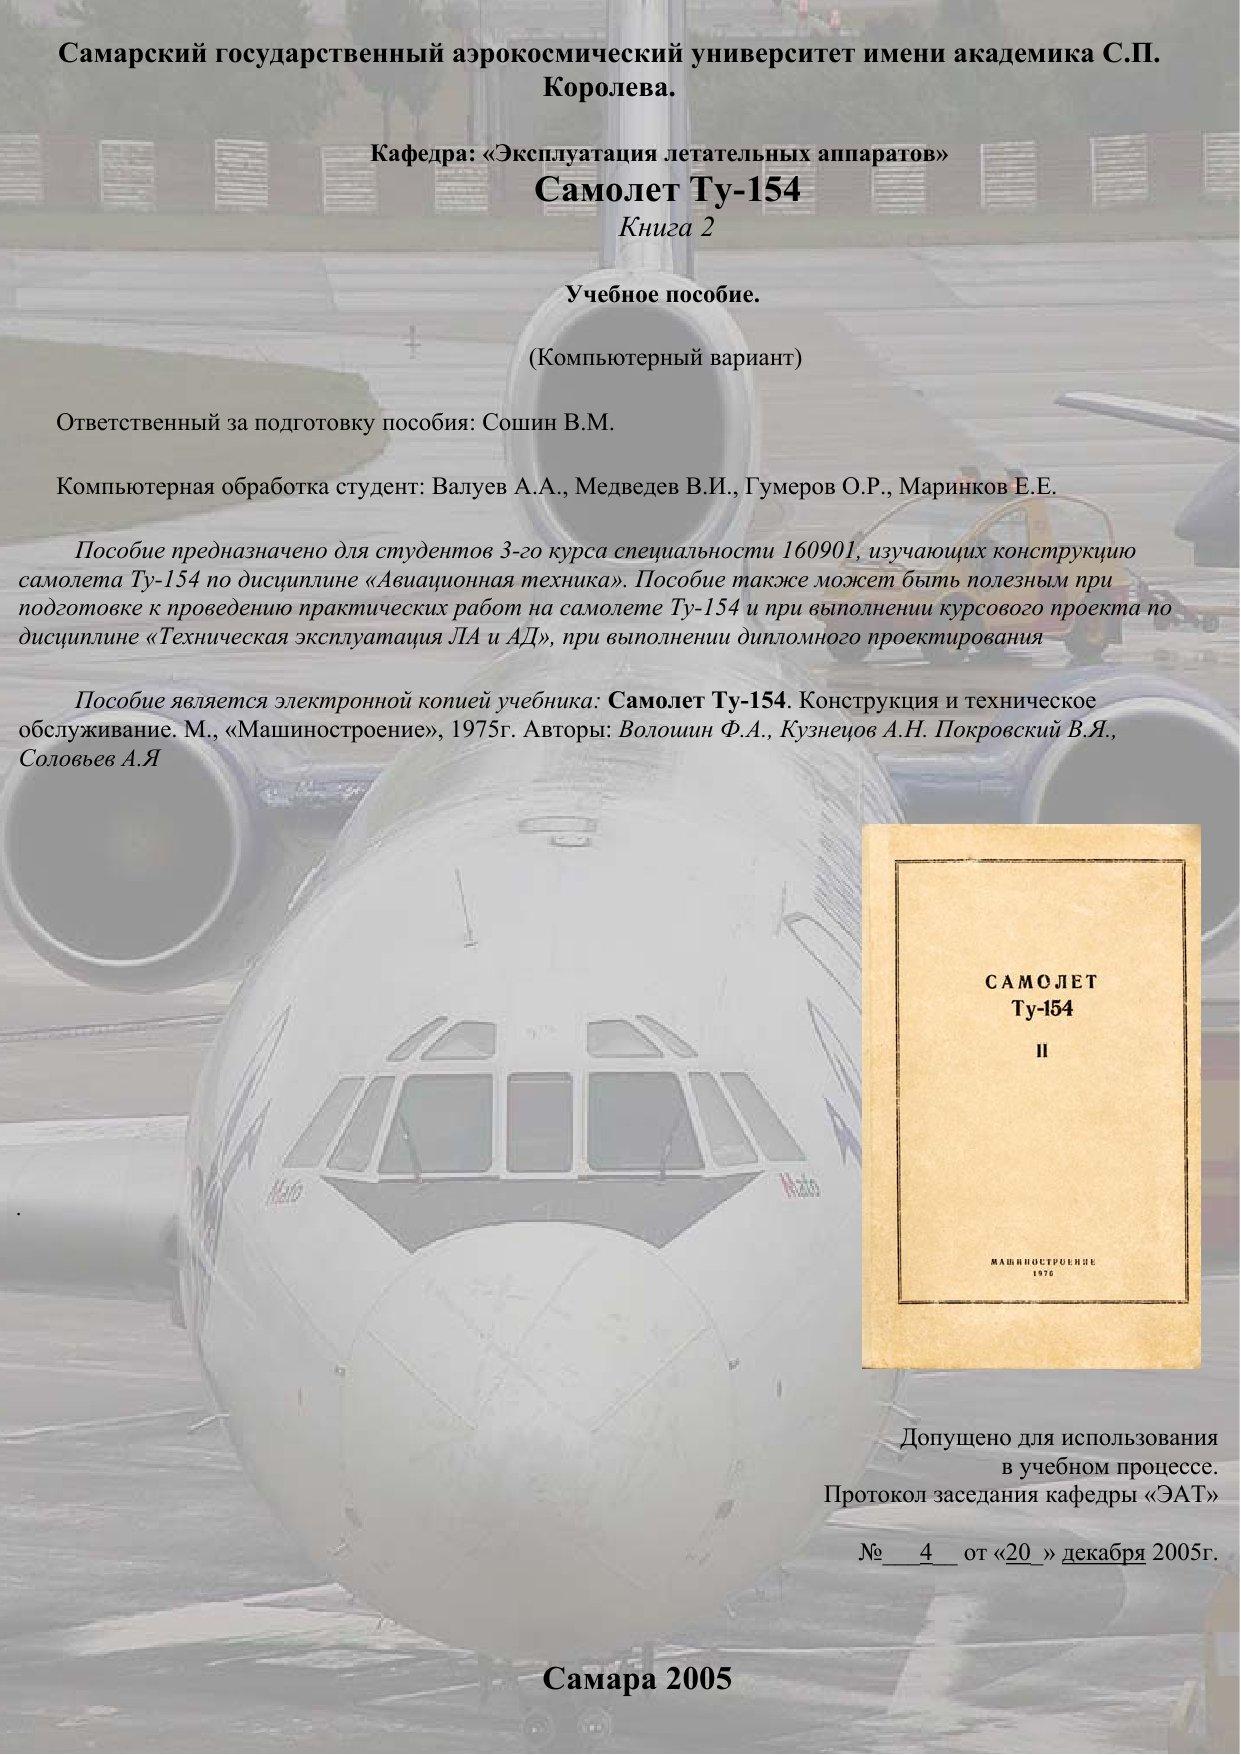 Самолет Ту-154. Конструкция и техническое обслуживание. (1 книга)